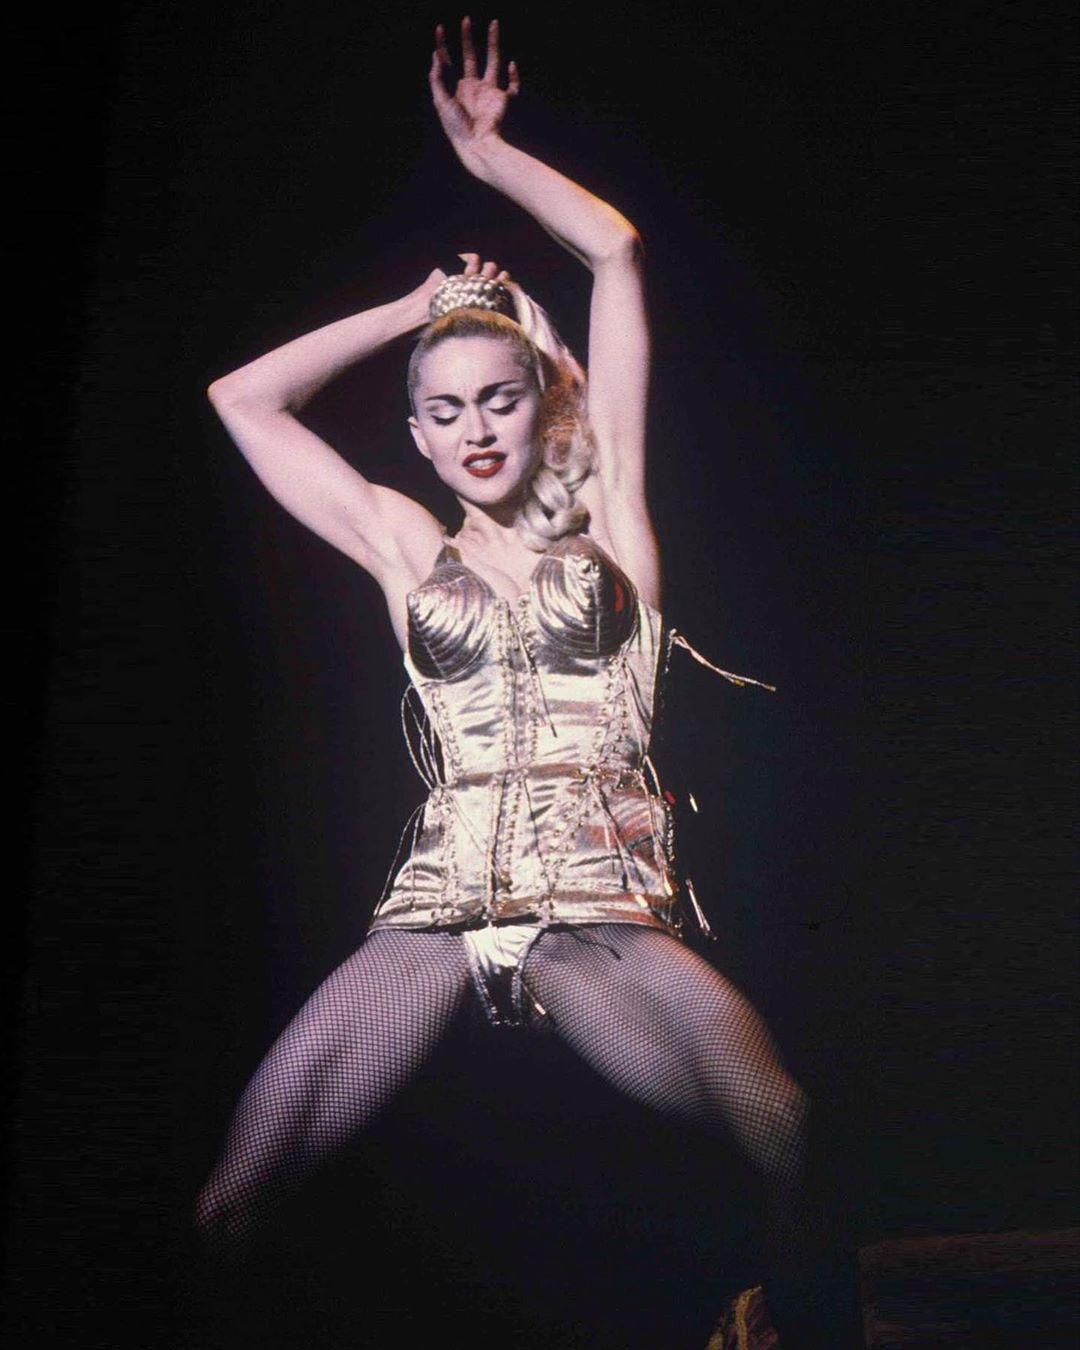 Madonna in faimosul sutien-corset cu cupe conice purtat de Madonna în Rotterdam, Olanda, într-un concert din Blonde Ambition Tour, în iulie 1990